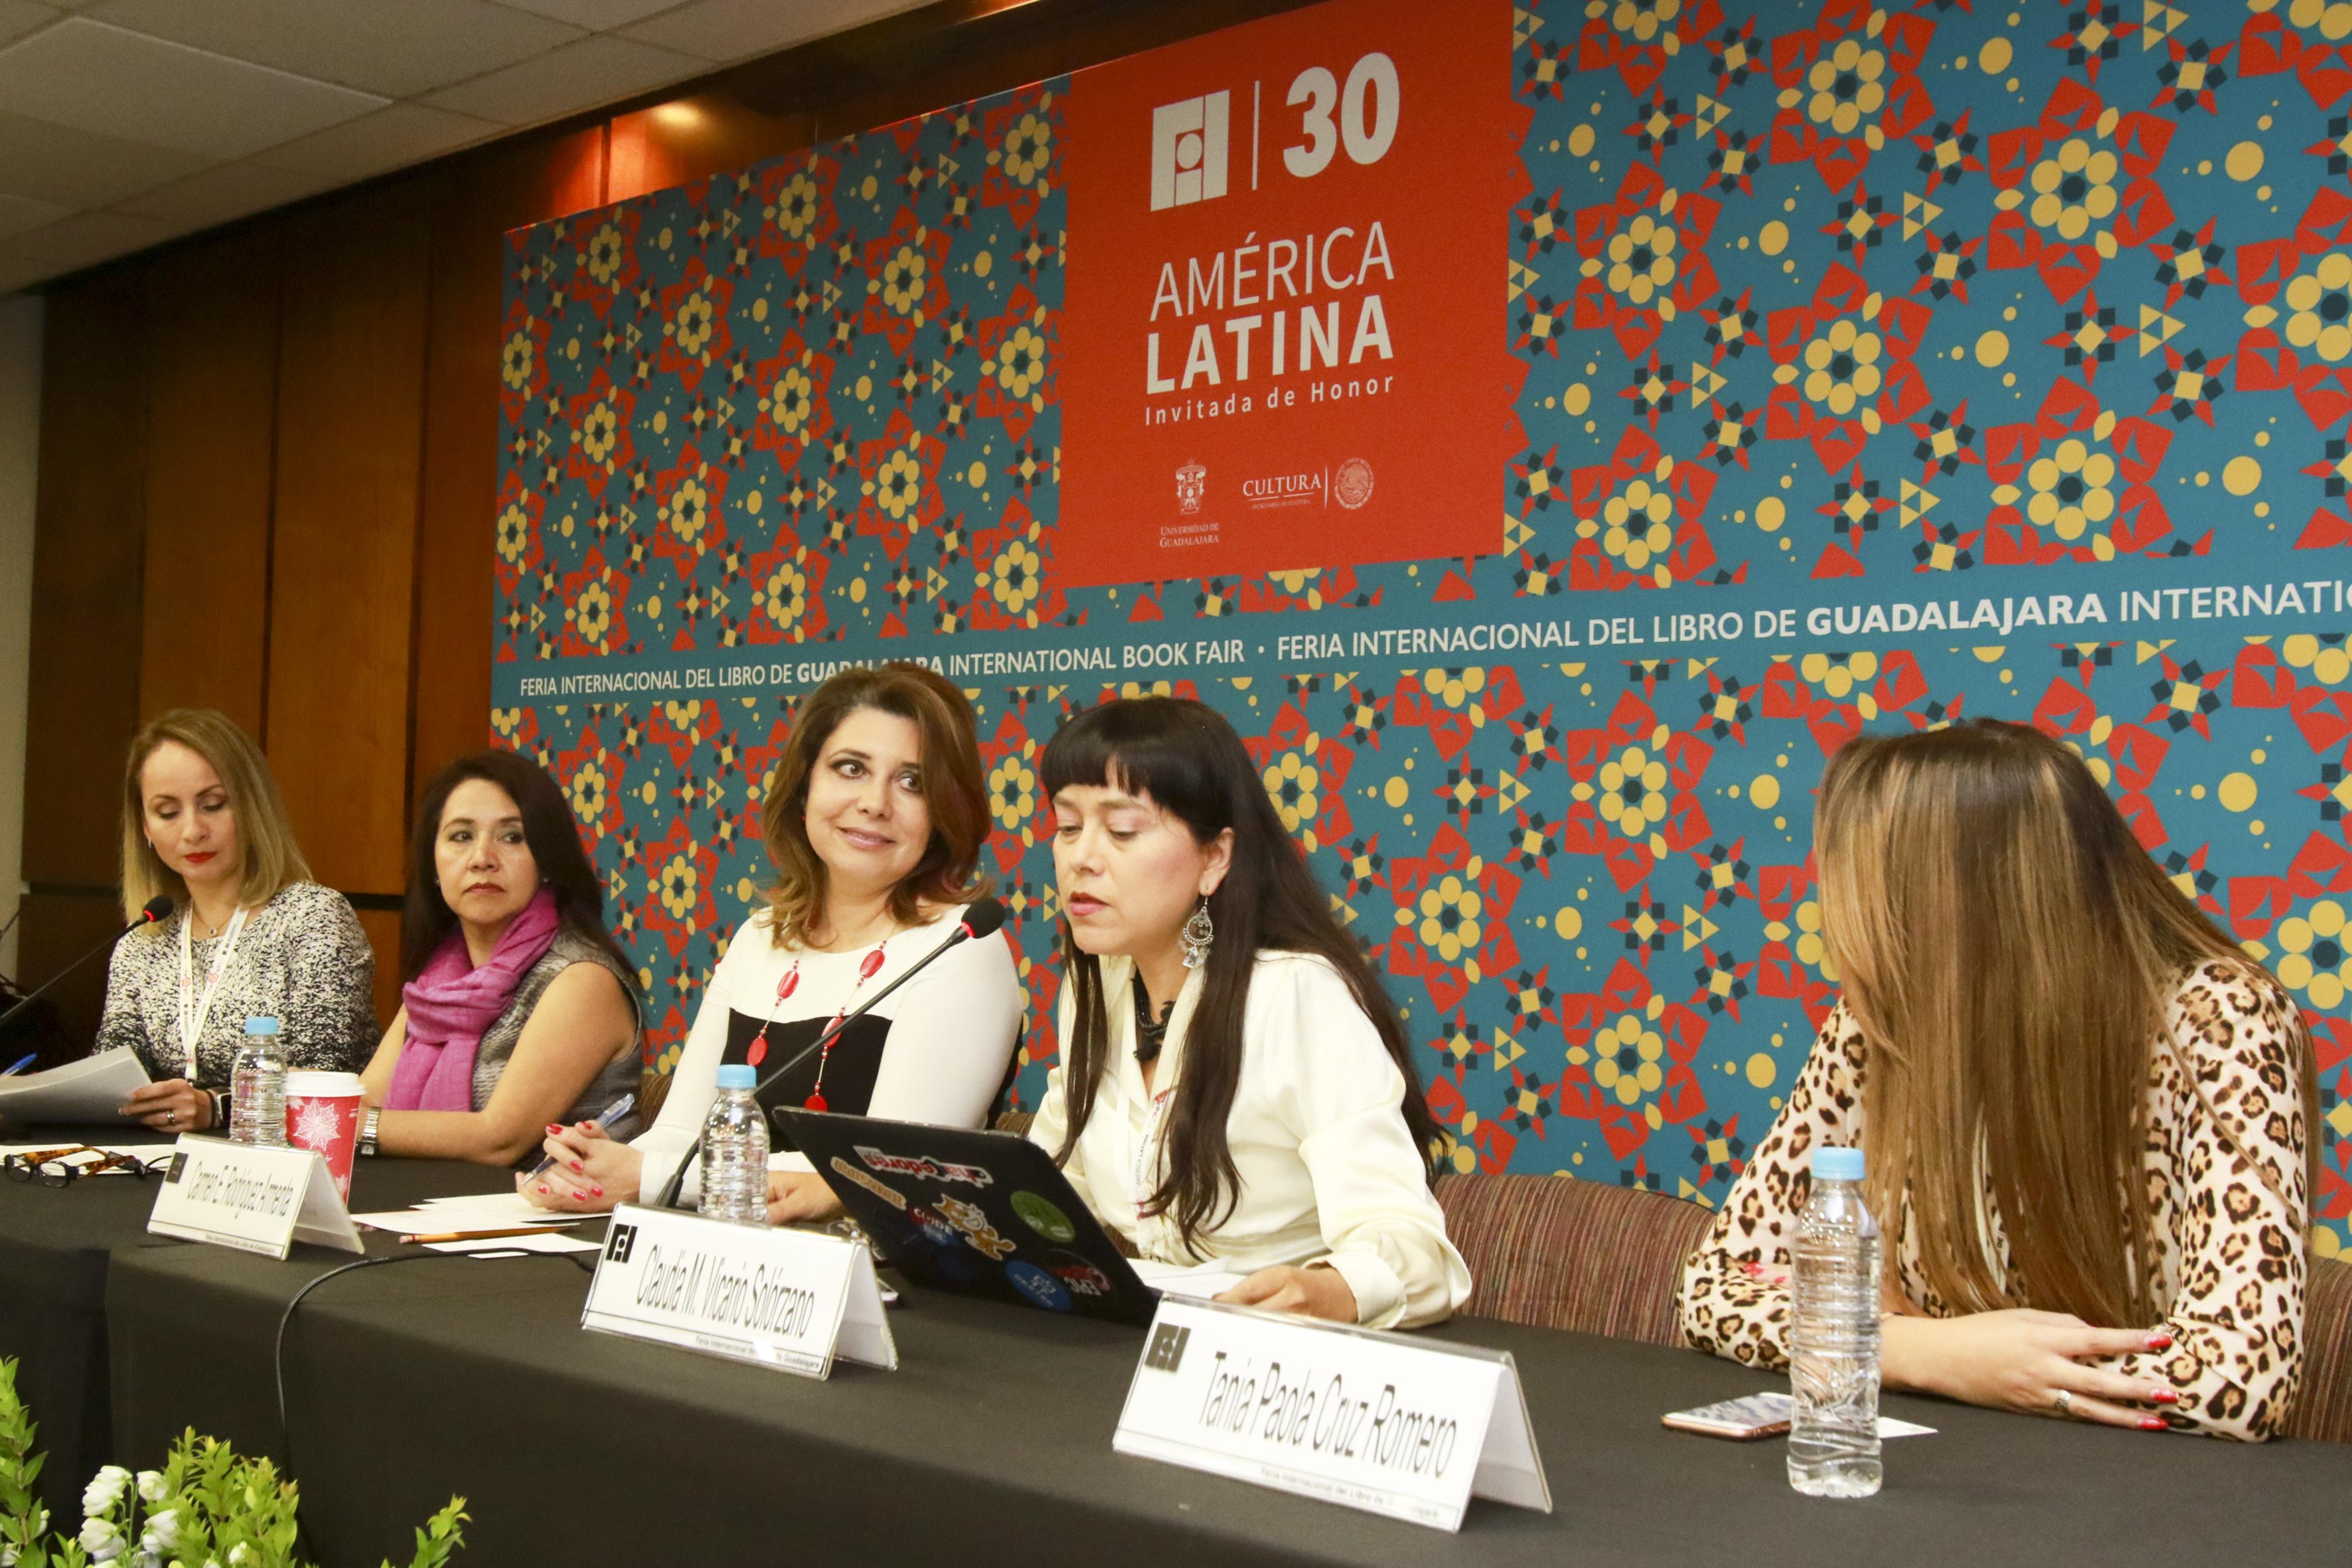 Doctora Claudia Vicario Solórzano, Investigadora del Instituto Politécnico Nacional y Coordinadora de la Red Late México de la (CUDI), participando en el Panel